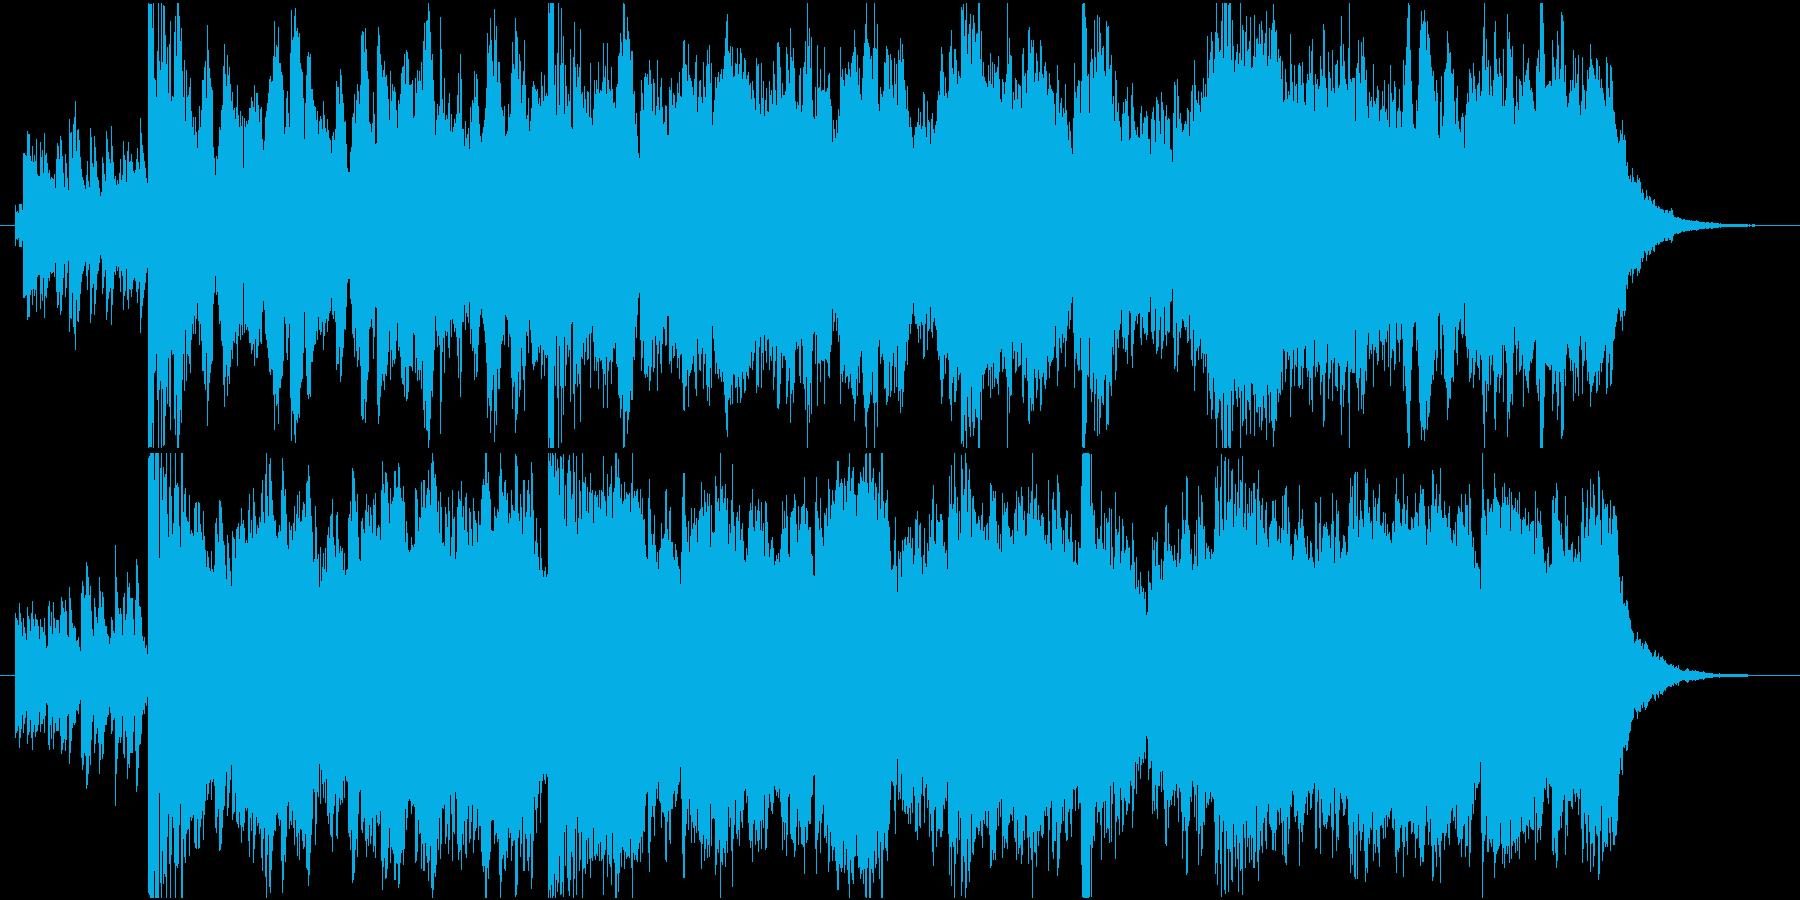 シリアスなドキュメンタリー番組風のBGMの再生済みの波形